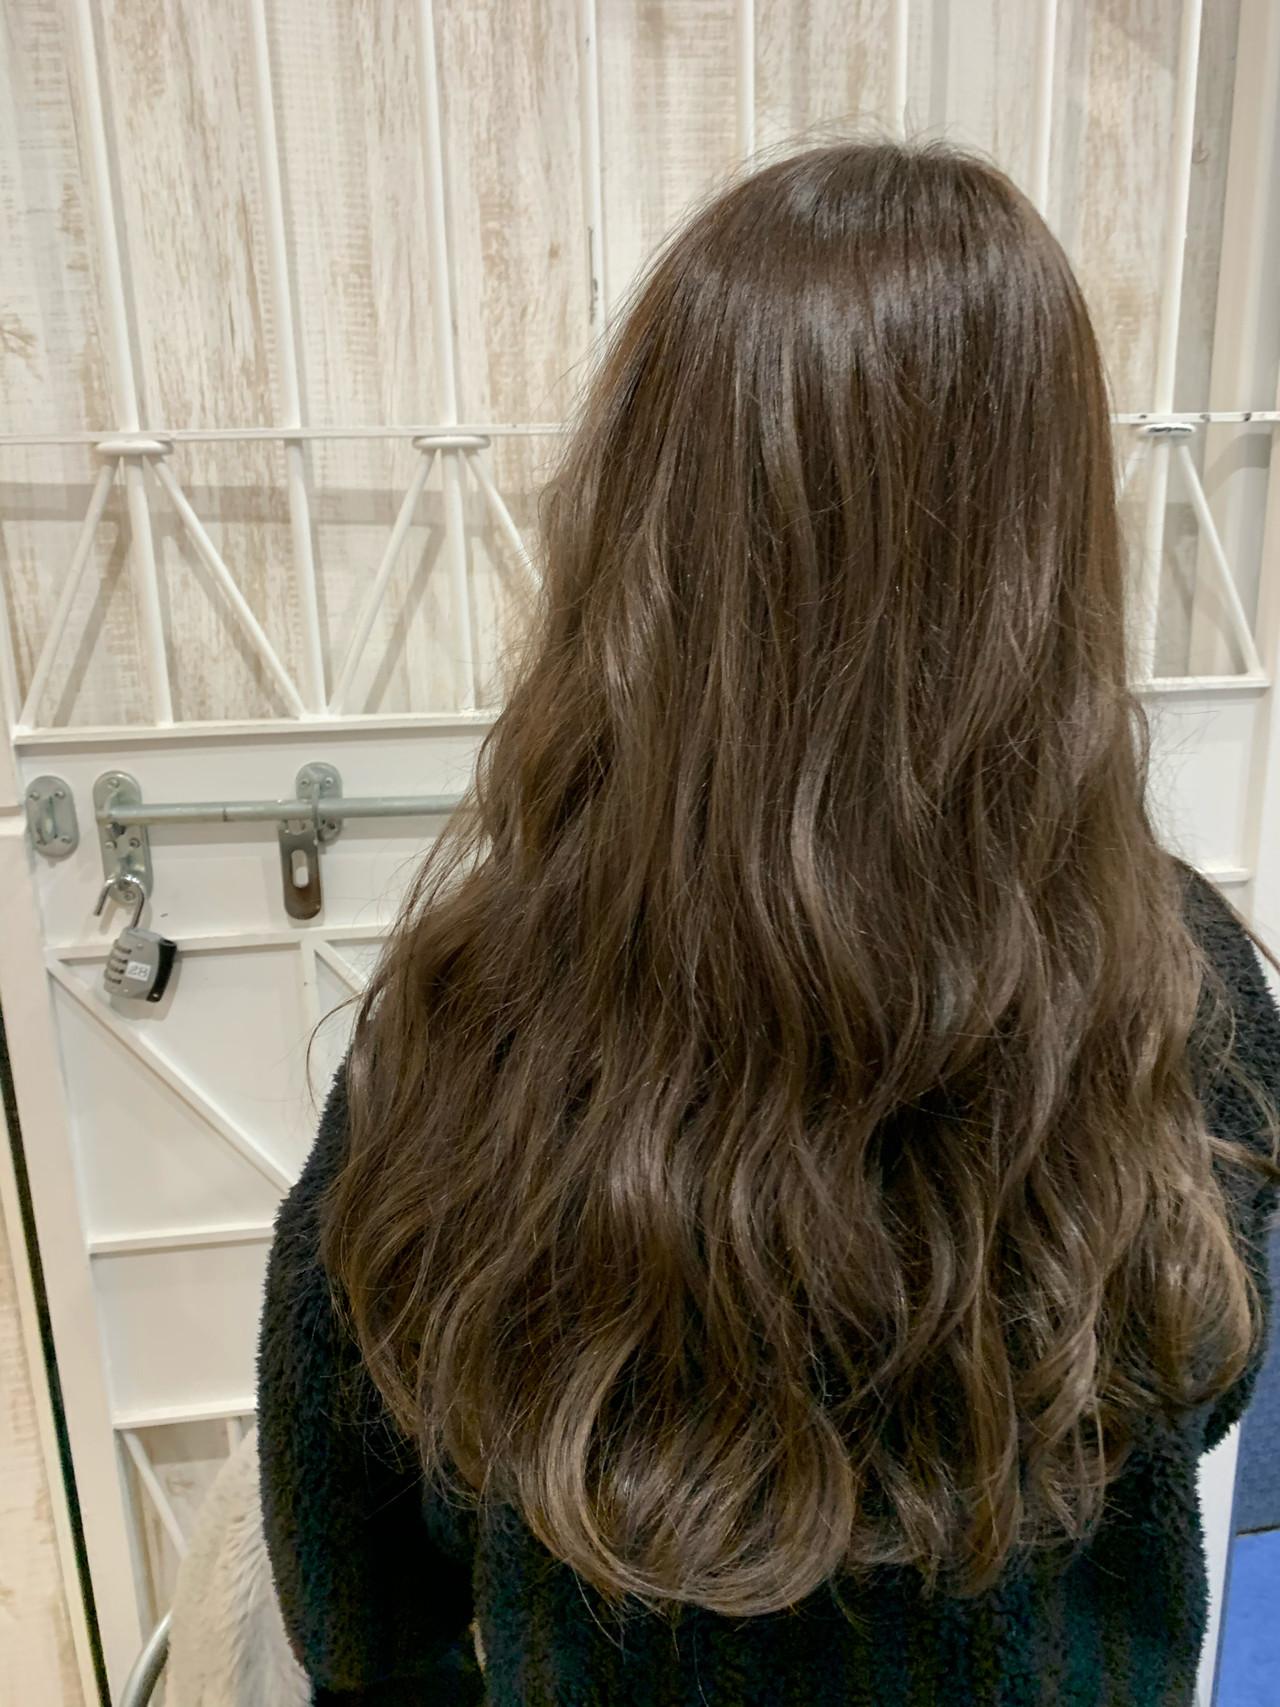 セミロング ナチュラル ミルクティーグレージュ ヌーディベージュ ヘアスタイルや髪型の写真・画像